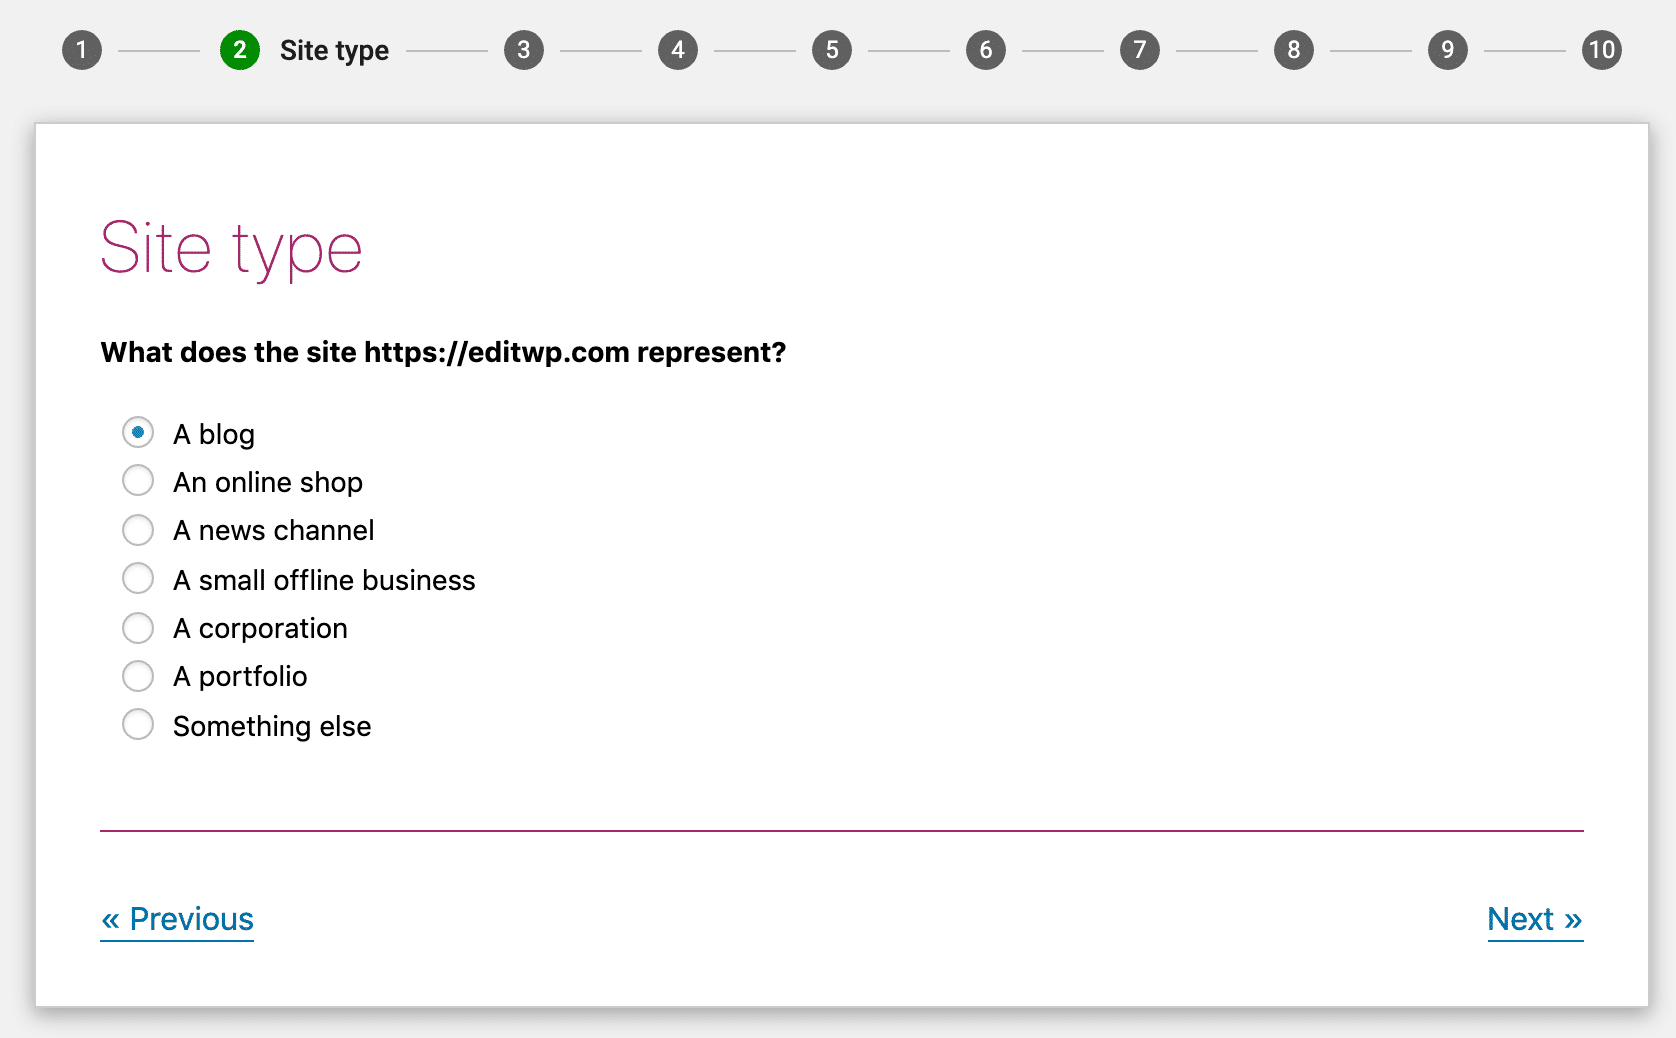 Scegliete l'opzione che si adatta maggiormente al vostro sito